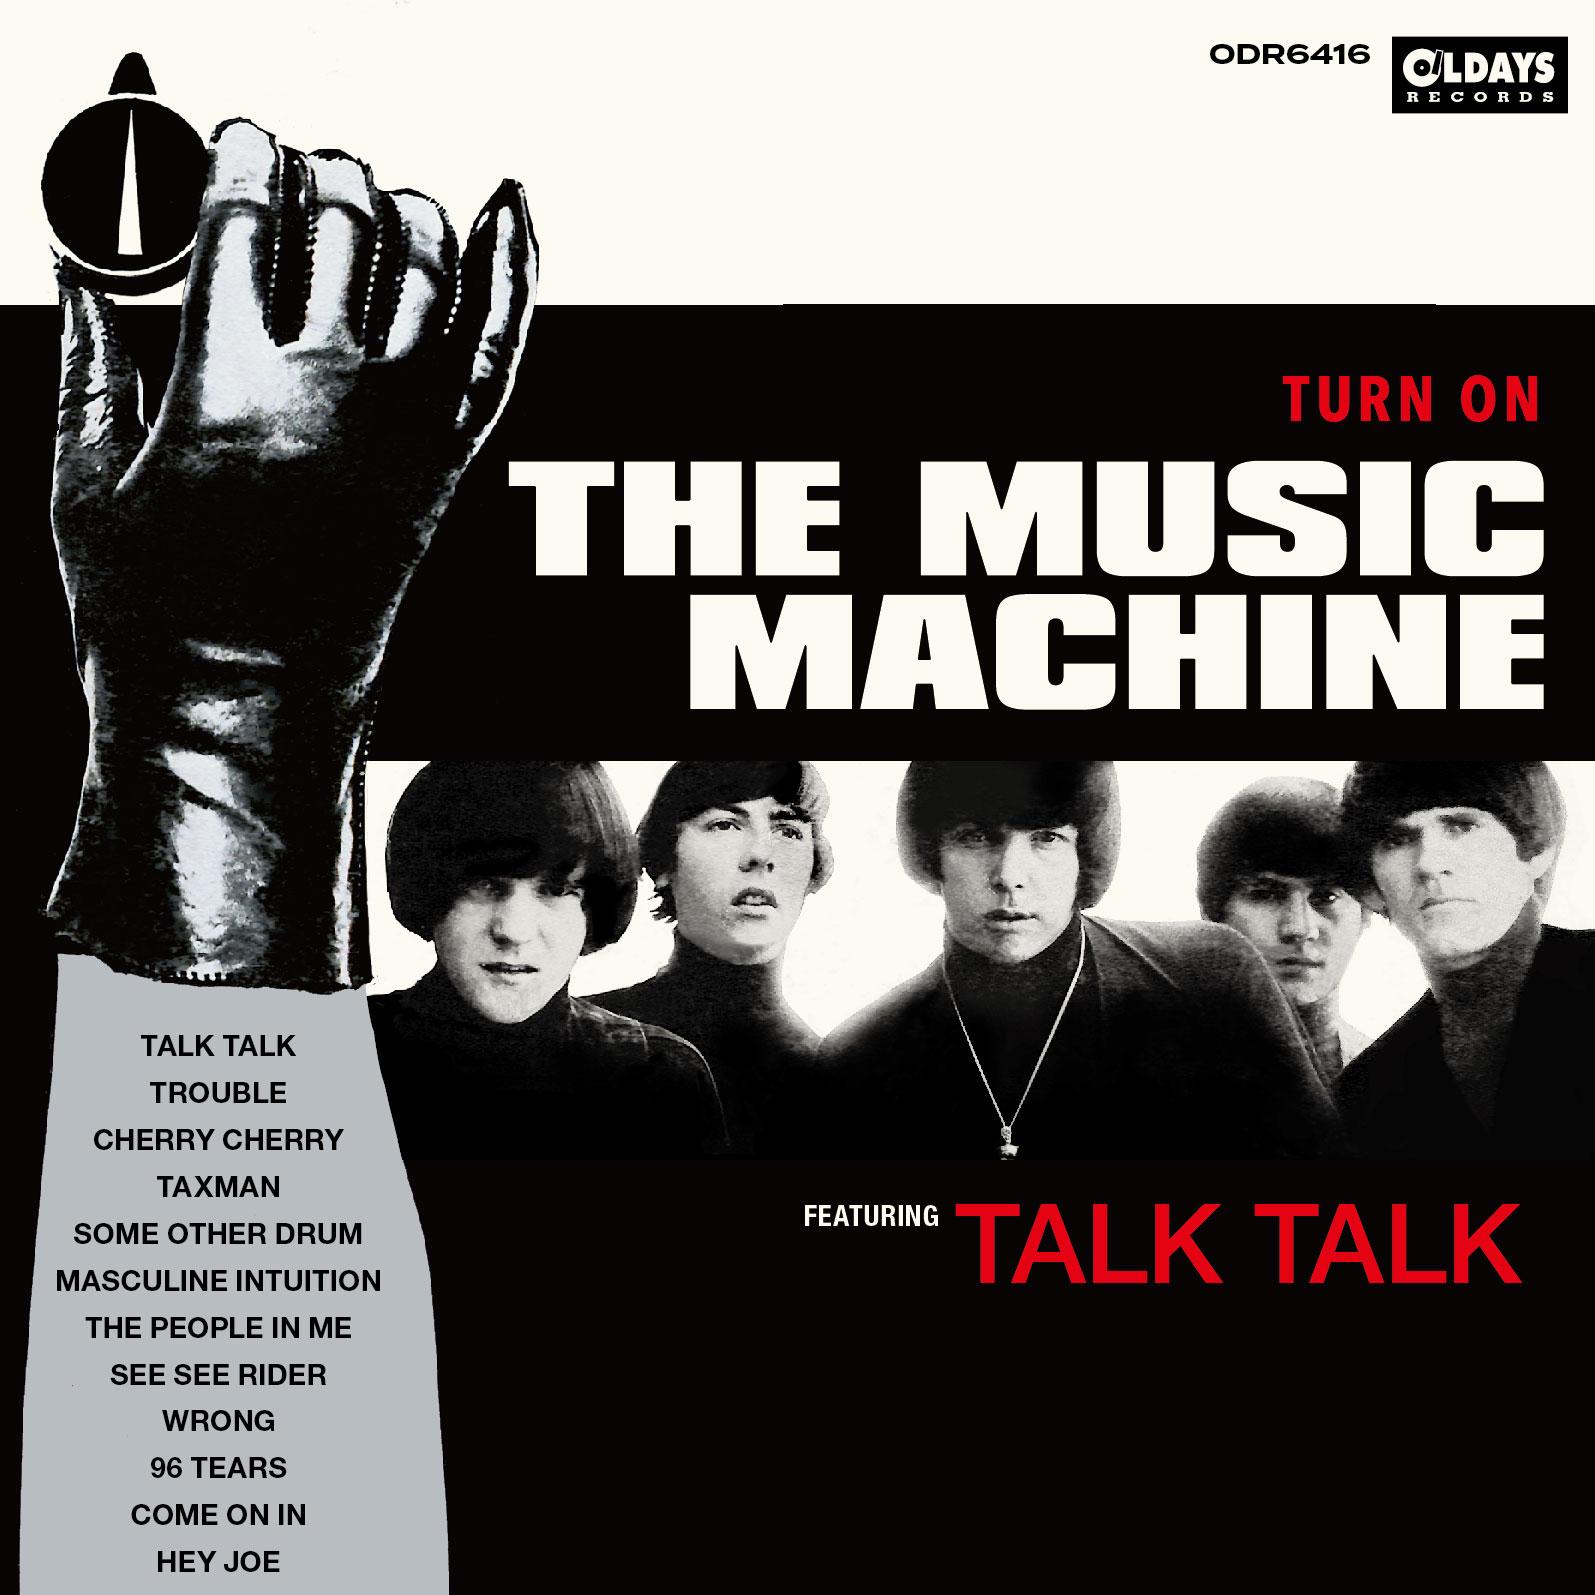 MUSIC MACHINE / ミュージック・マシーン / MUSIC MACHINE / ミュージック・マシーン